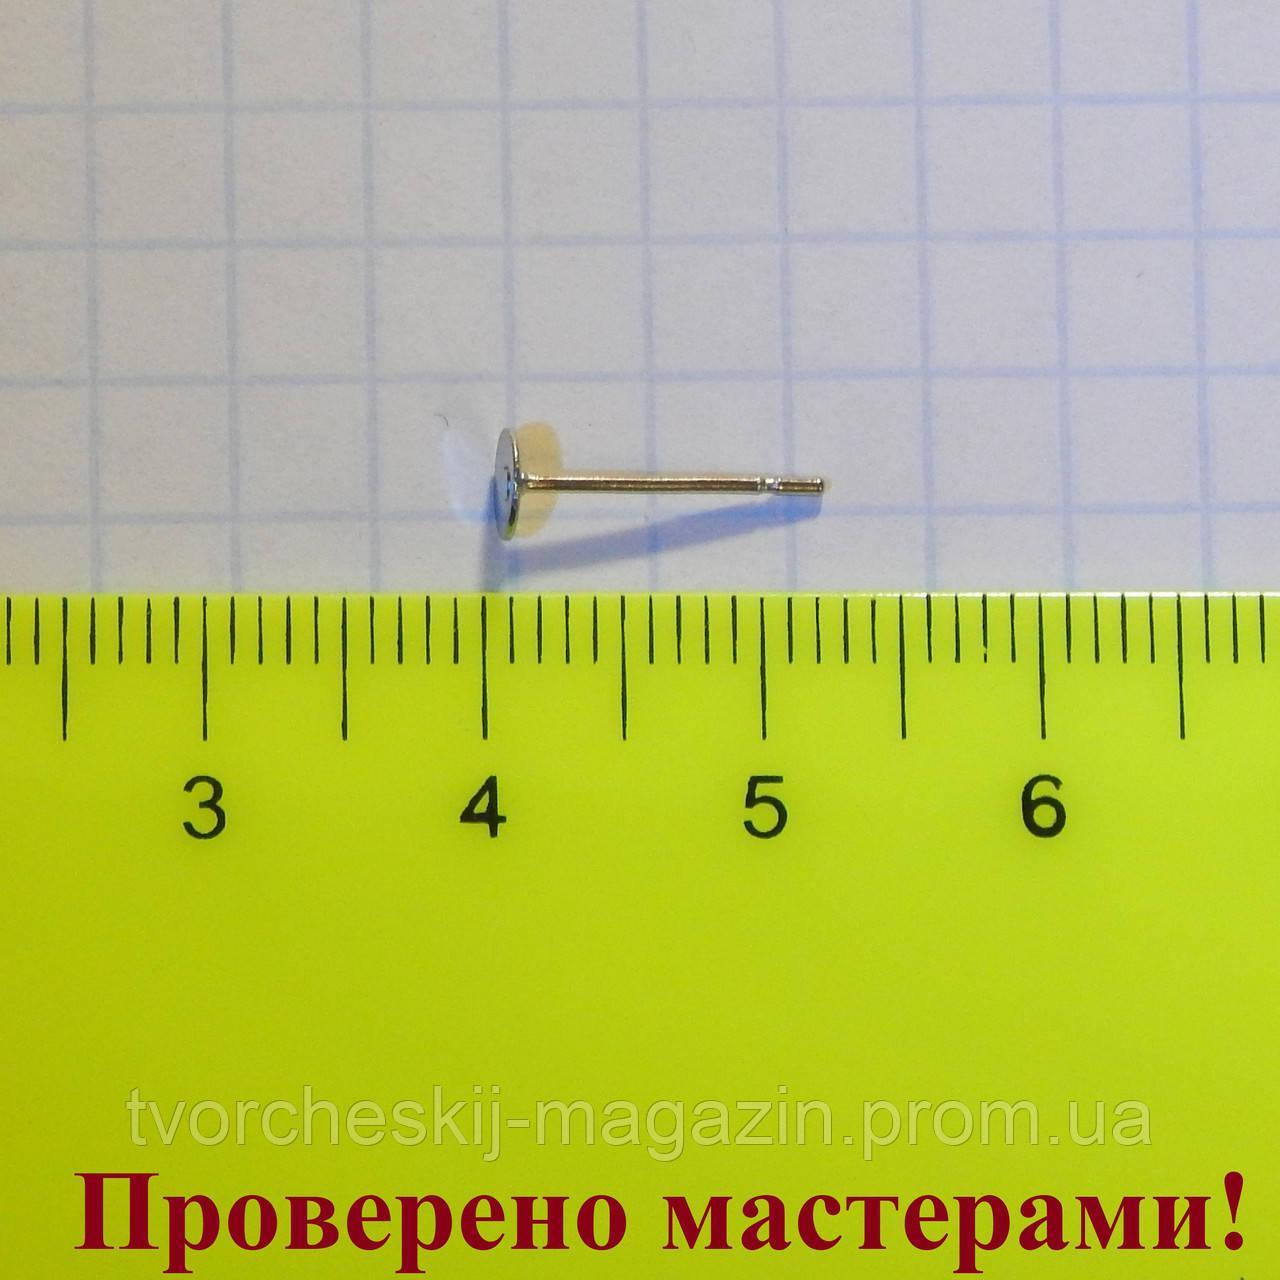 Основа для пусет, площадка 0,4 см (медицинская сталь), пара + заглушки